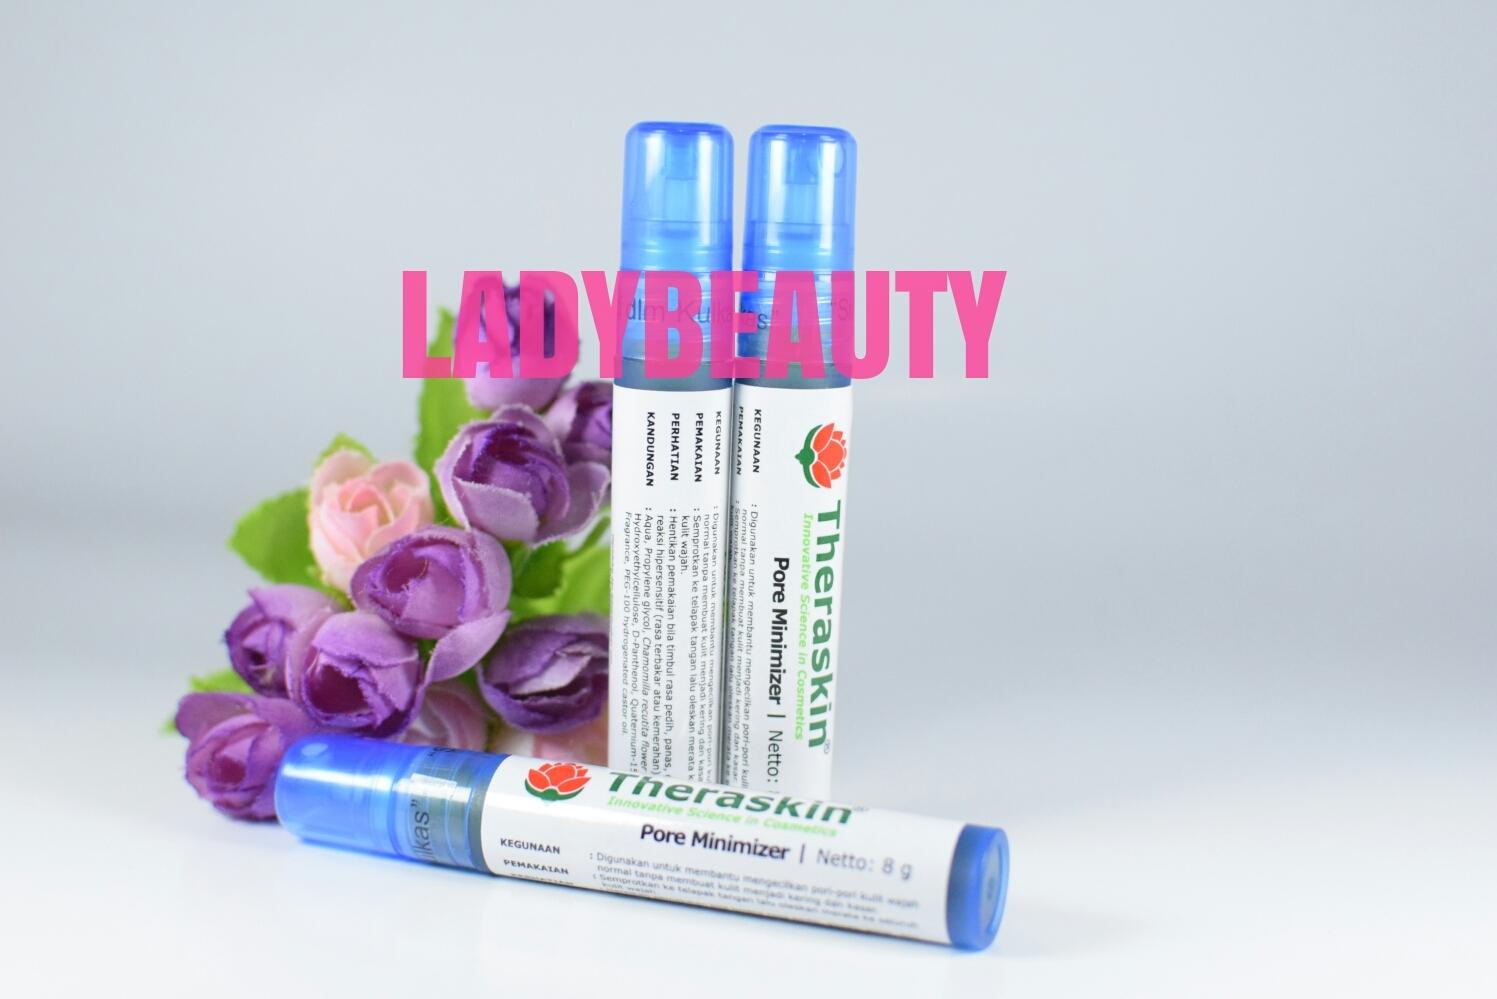 Jual Serum Pengecil Pori Theraskin Pore Minimizer Ladybeauty Untuk Mengecilkan Tokopedia